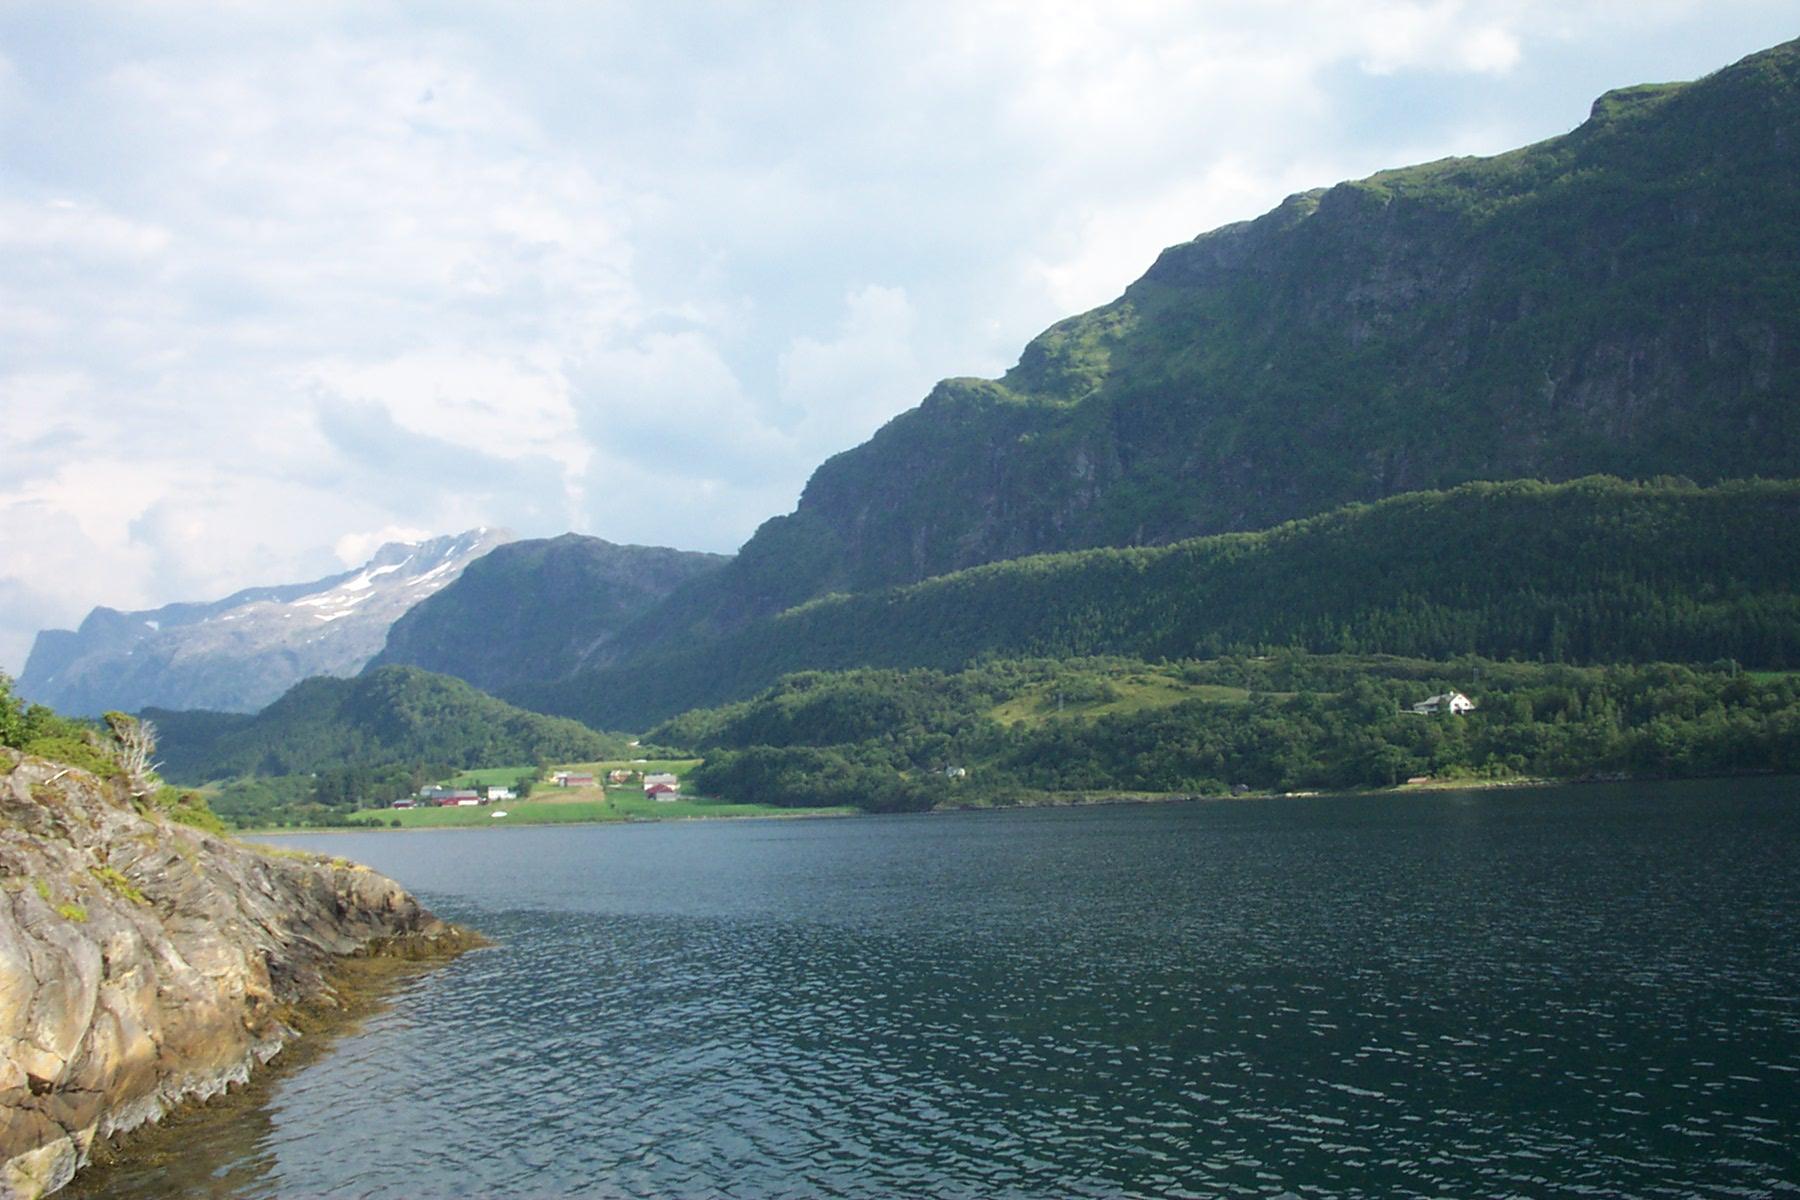 Morsomt og fargerikt . - Picture of Alden the Norwegian Horse, Askvoll - Tripadvisor